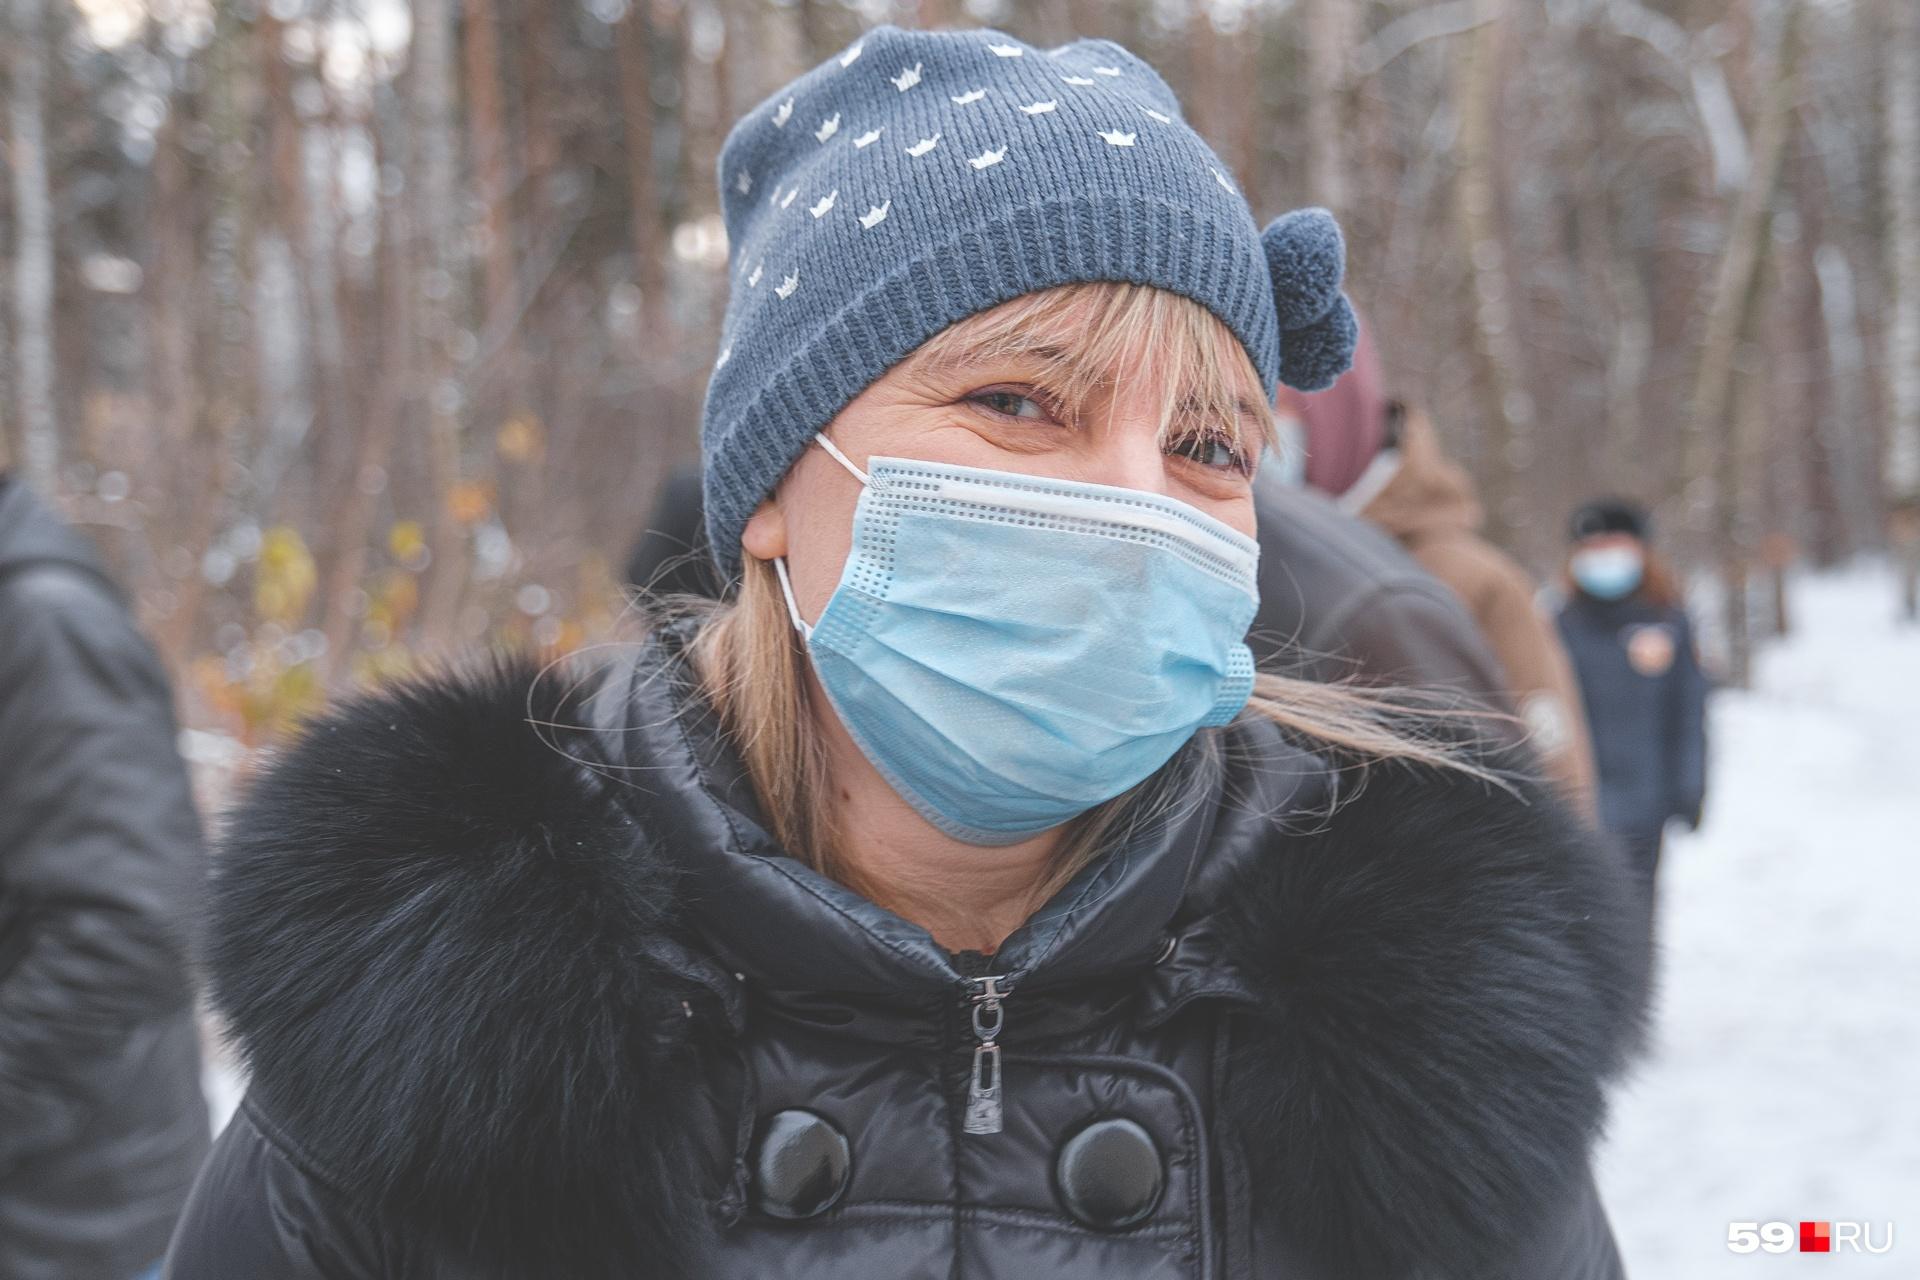 Мария Омелюсик говорит, что жители будут отстаивать участок